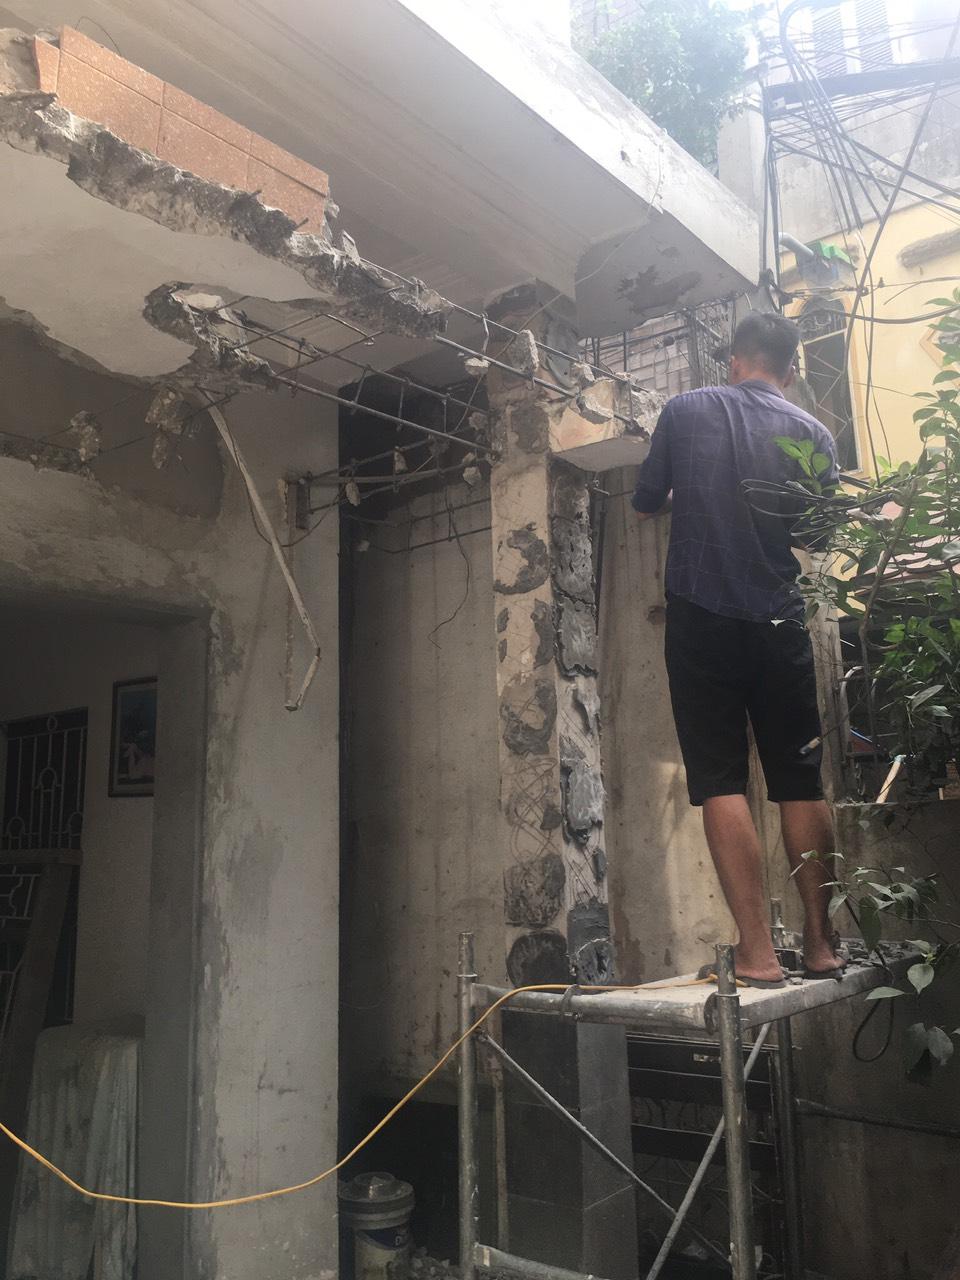 Thay đổi kết cấu mặt trước nhà